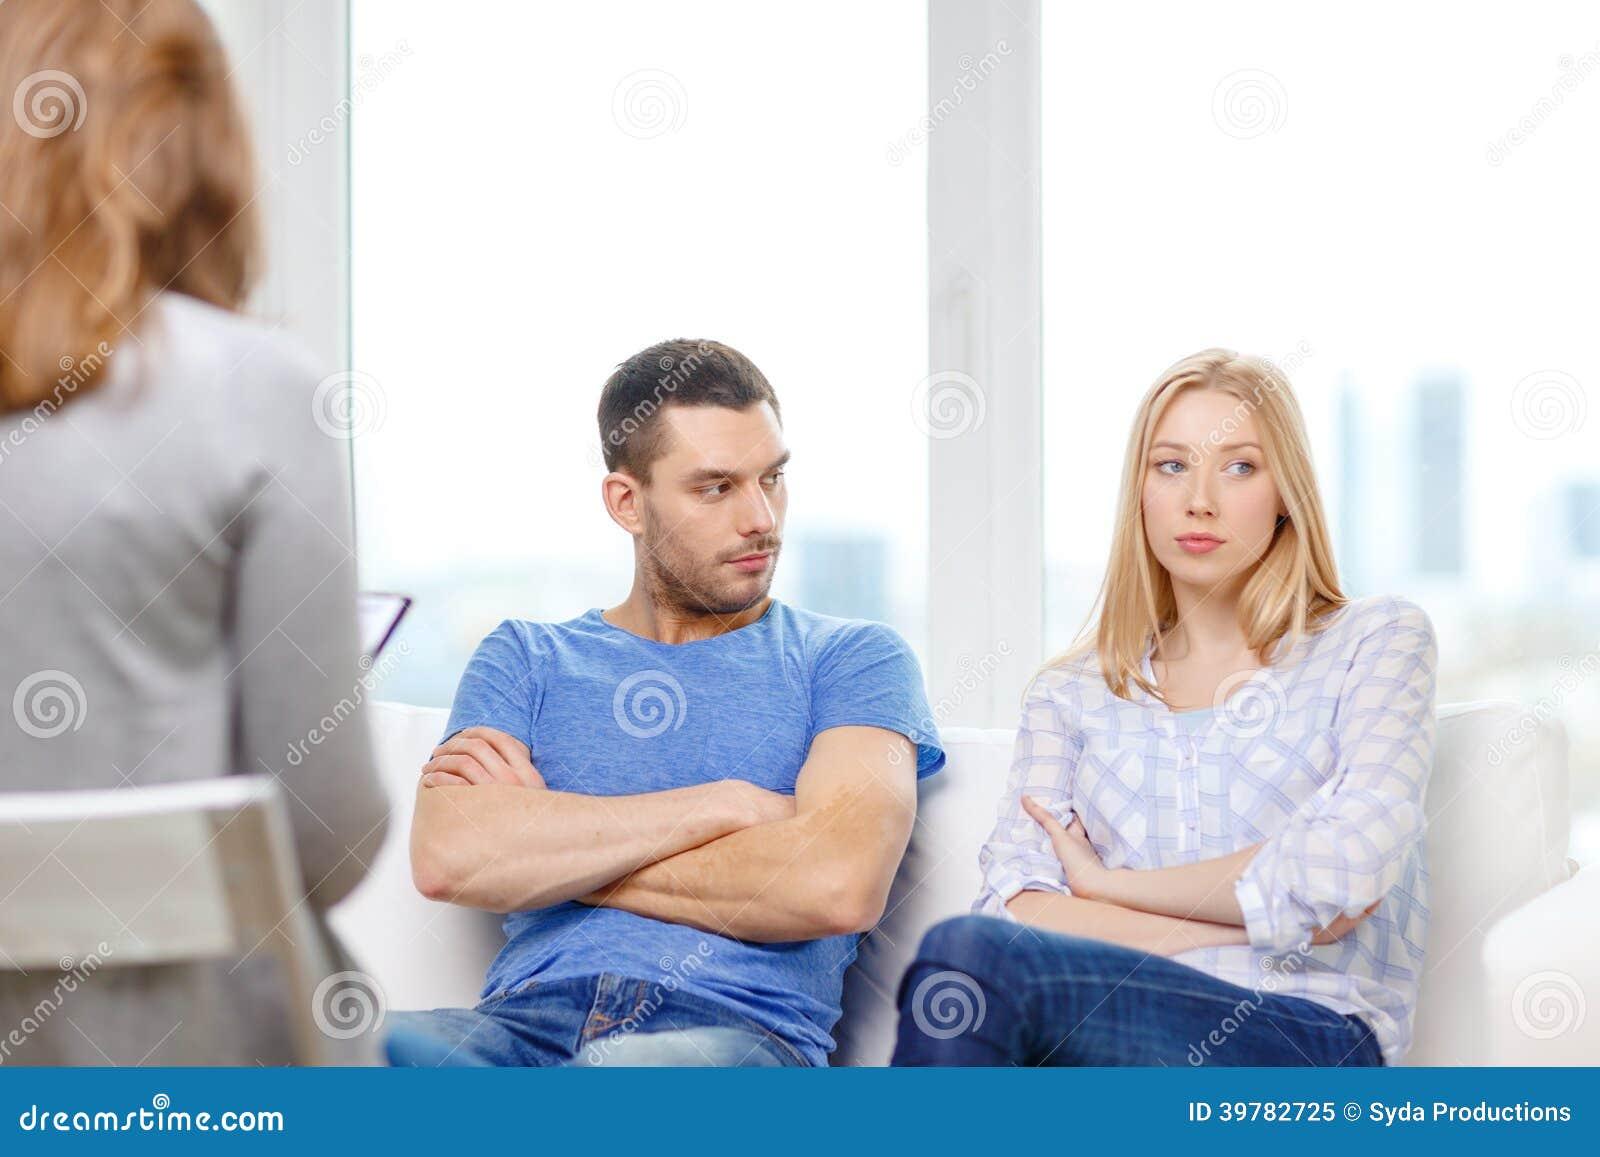 3 главных способа сделать семейные отношения идеальными 58